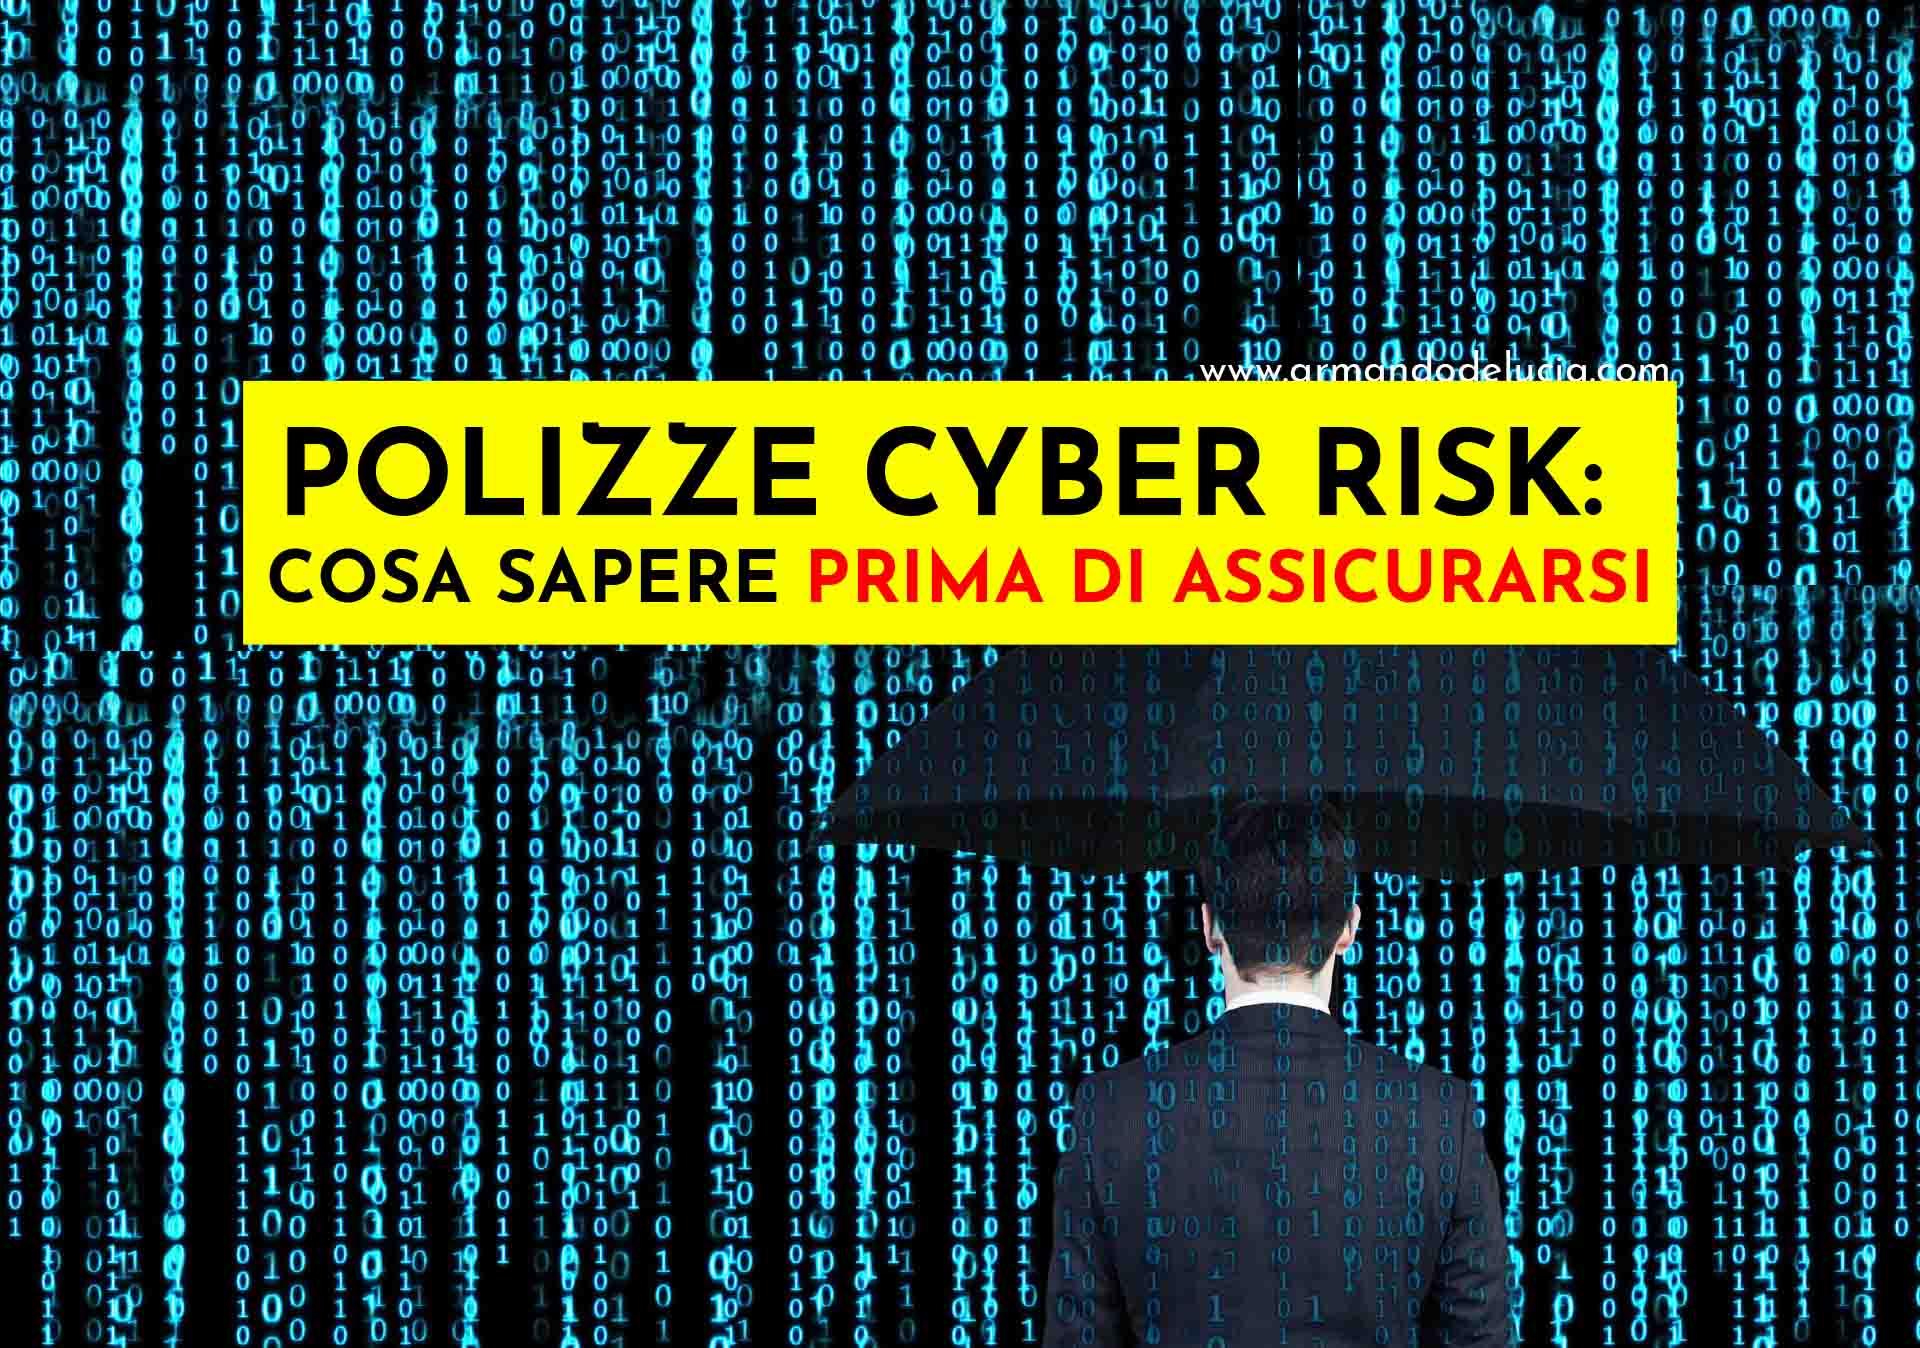 POLIZZE CYBER RISK COSA SAPERE PRIMA DI ASSICURARSI - Armando De Lucia - Avvocato